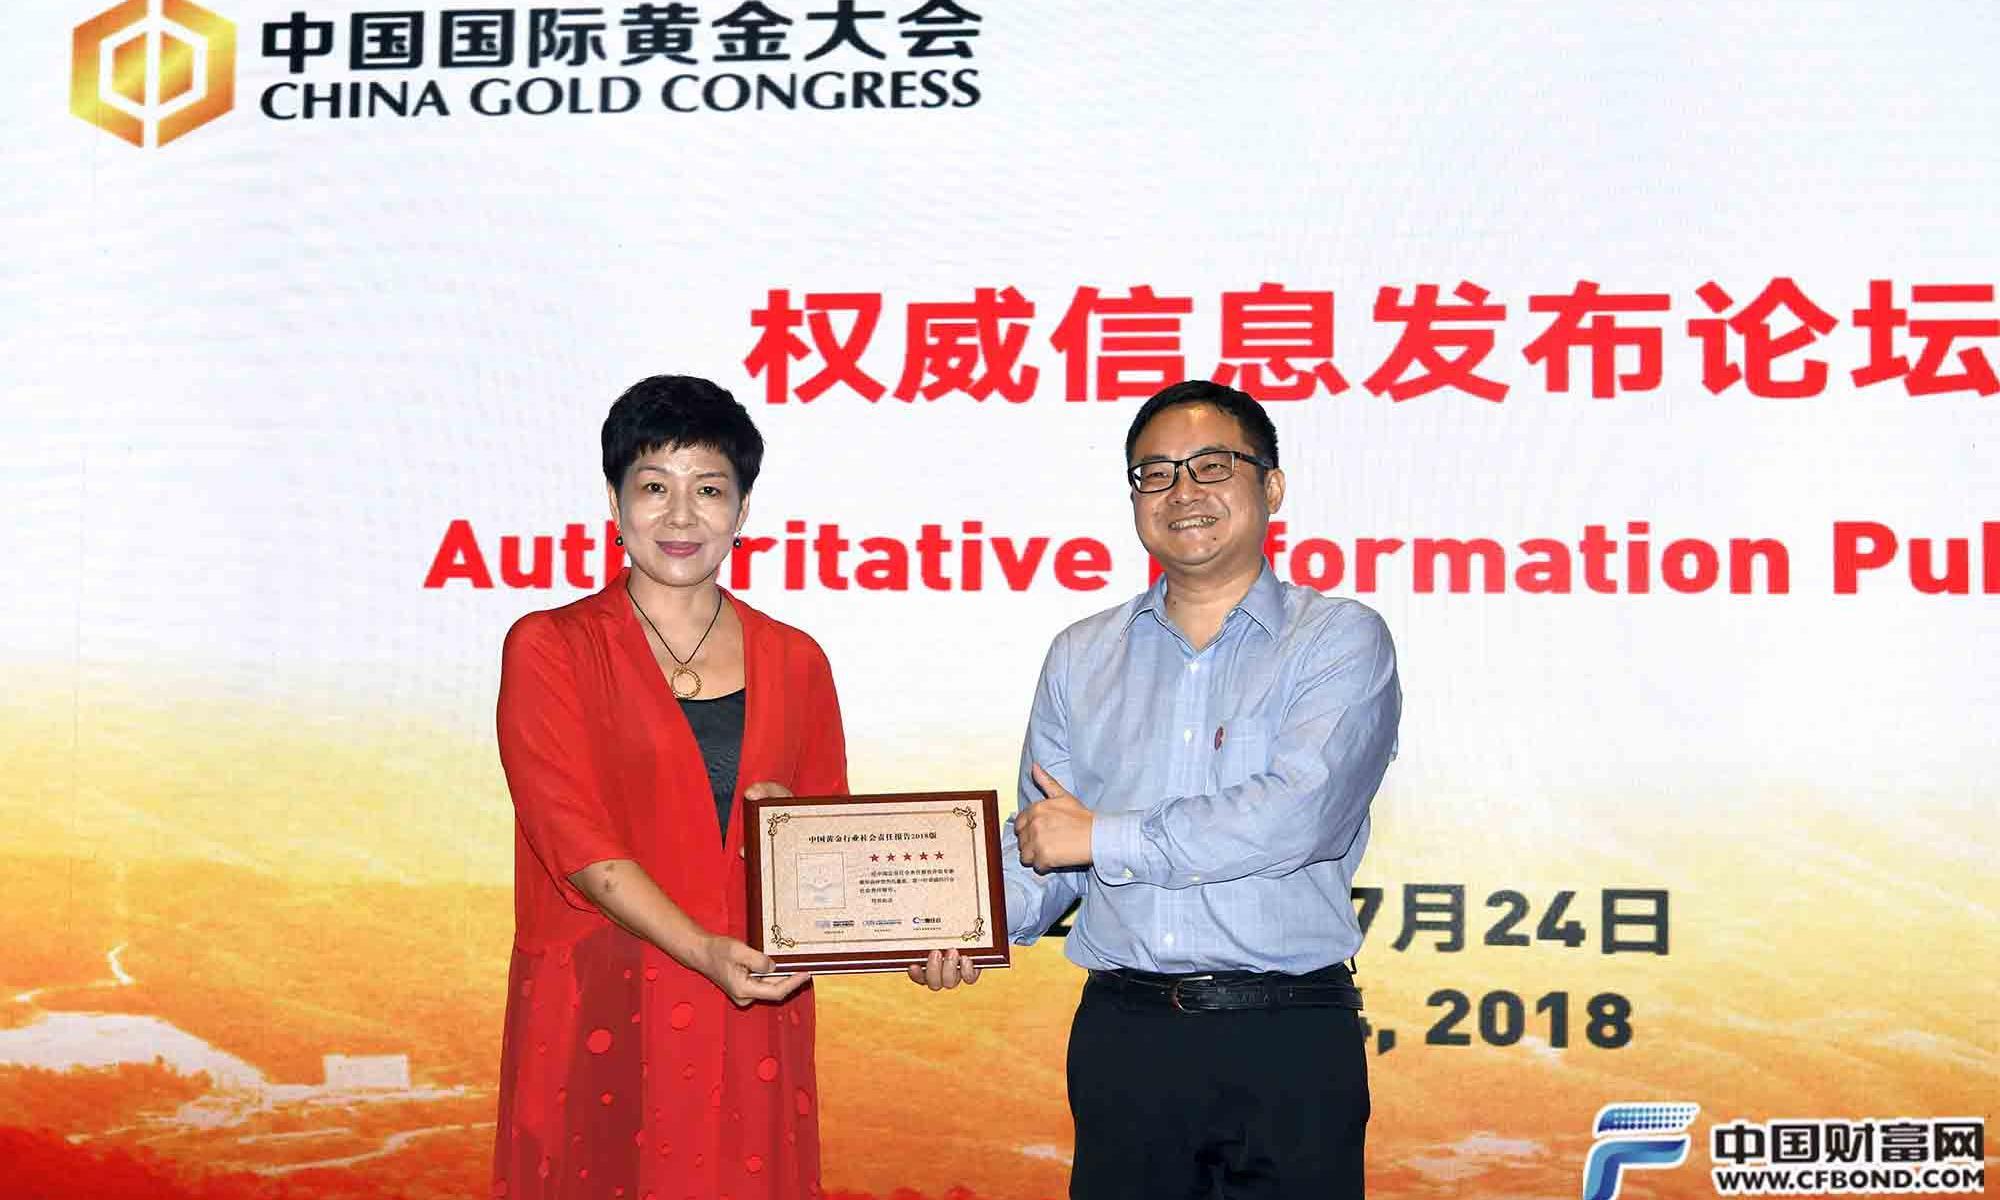 社科院向中国黄金协会颁发五星级证书